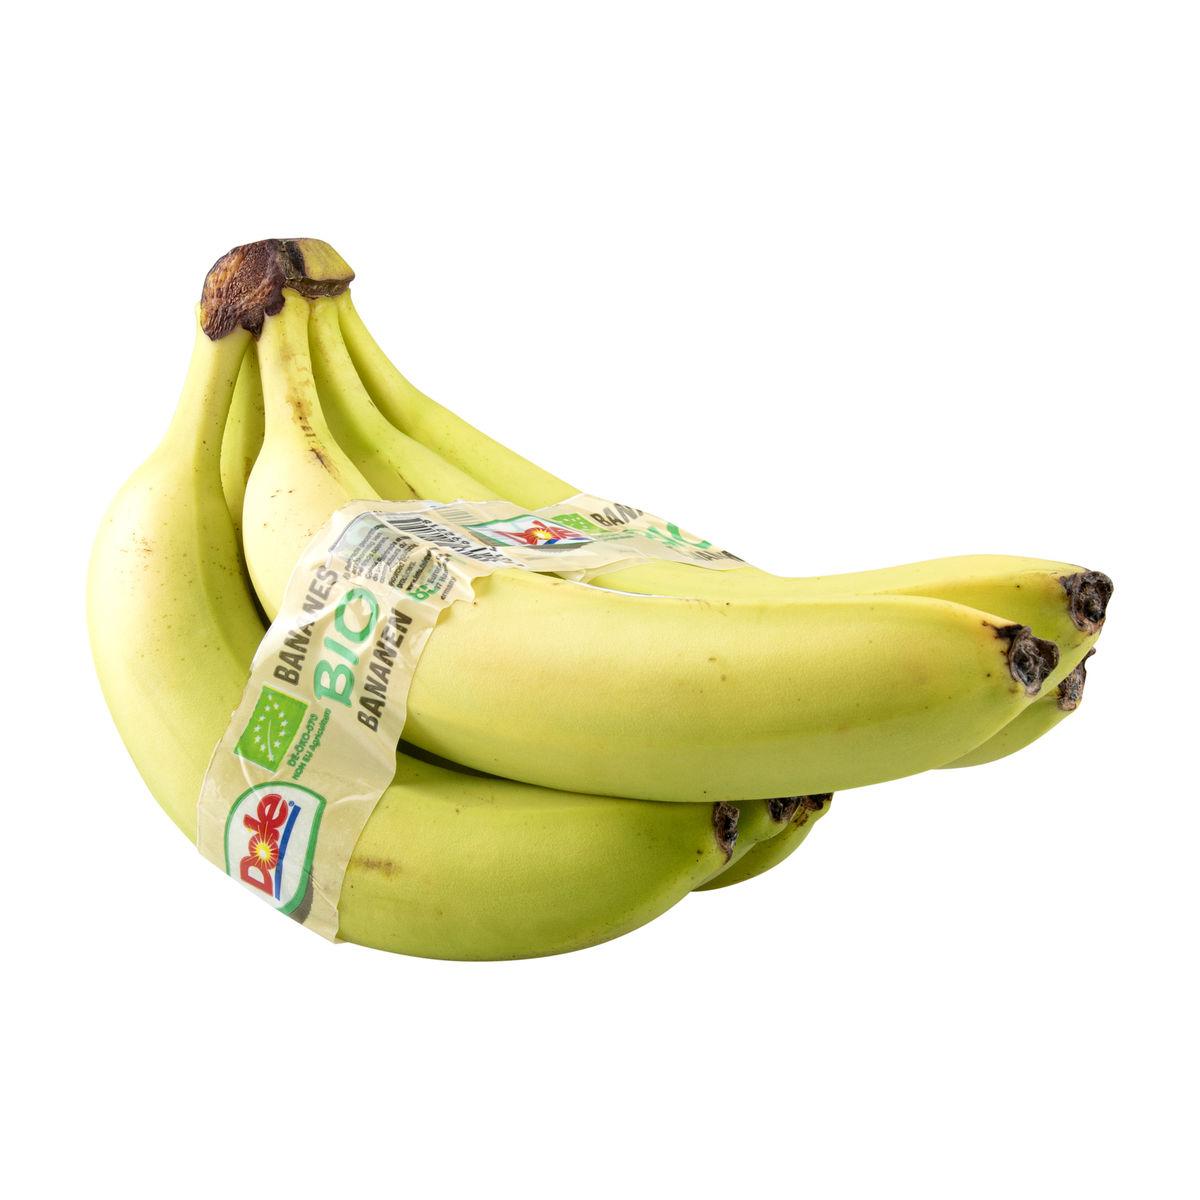 Max Havelaar Bananes Fairtrade 850 g